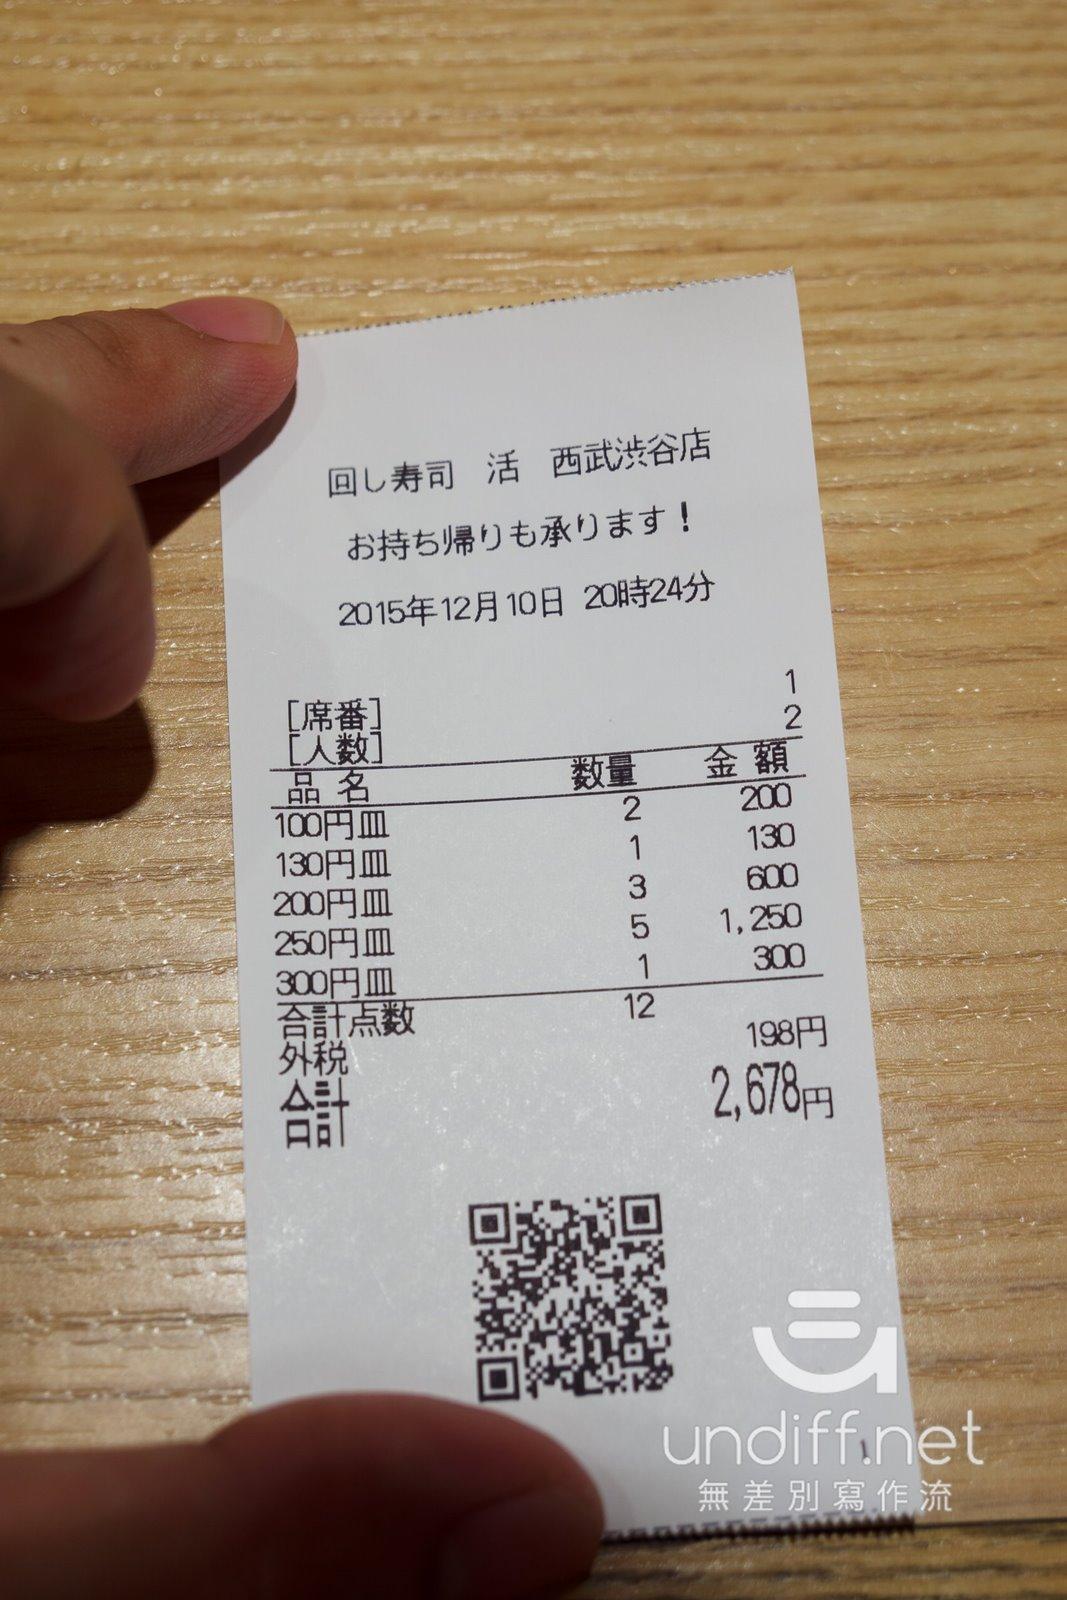 【東京美食】澀谷 回し寿司 活.美登利 西武澀谷店 》超值新鮮又美味的迴轉壽司 74